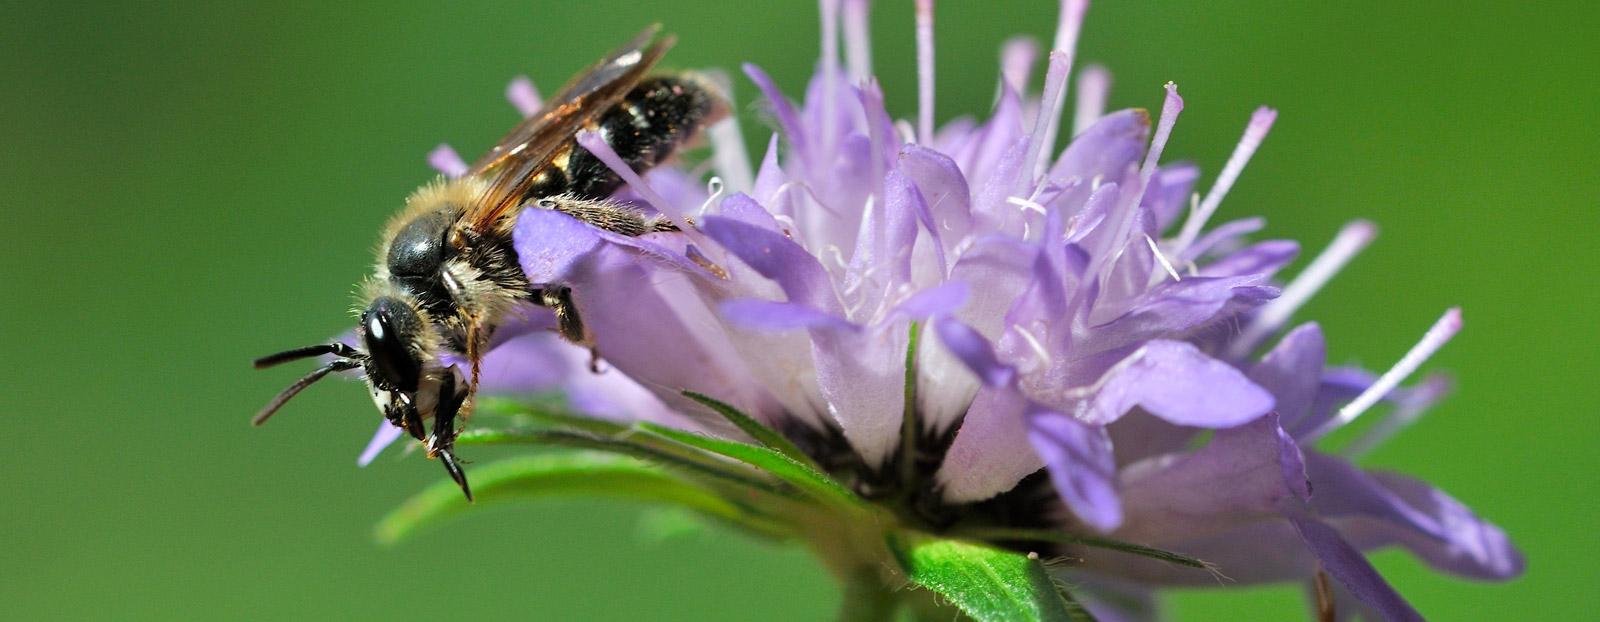 在自然栖息地生长着的冠笄花